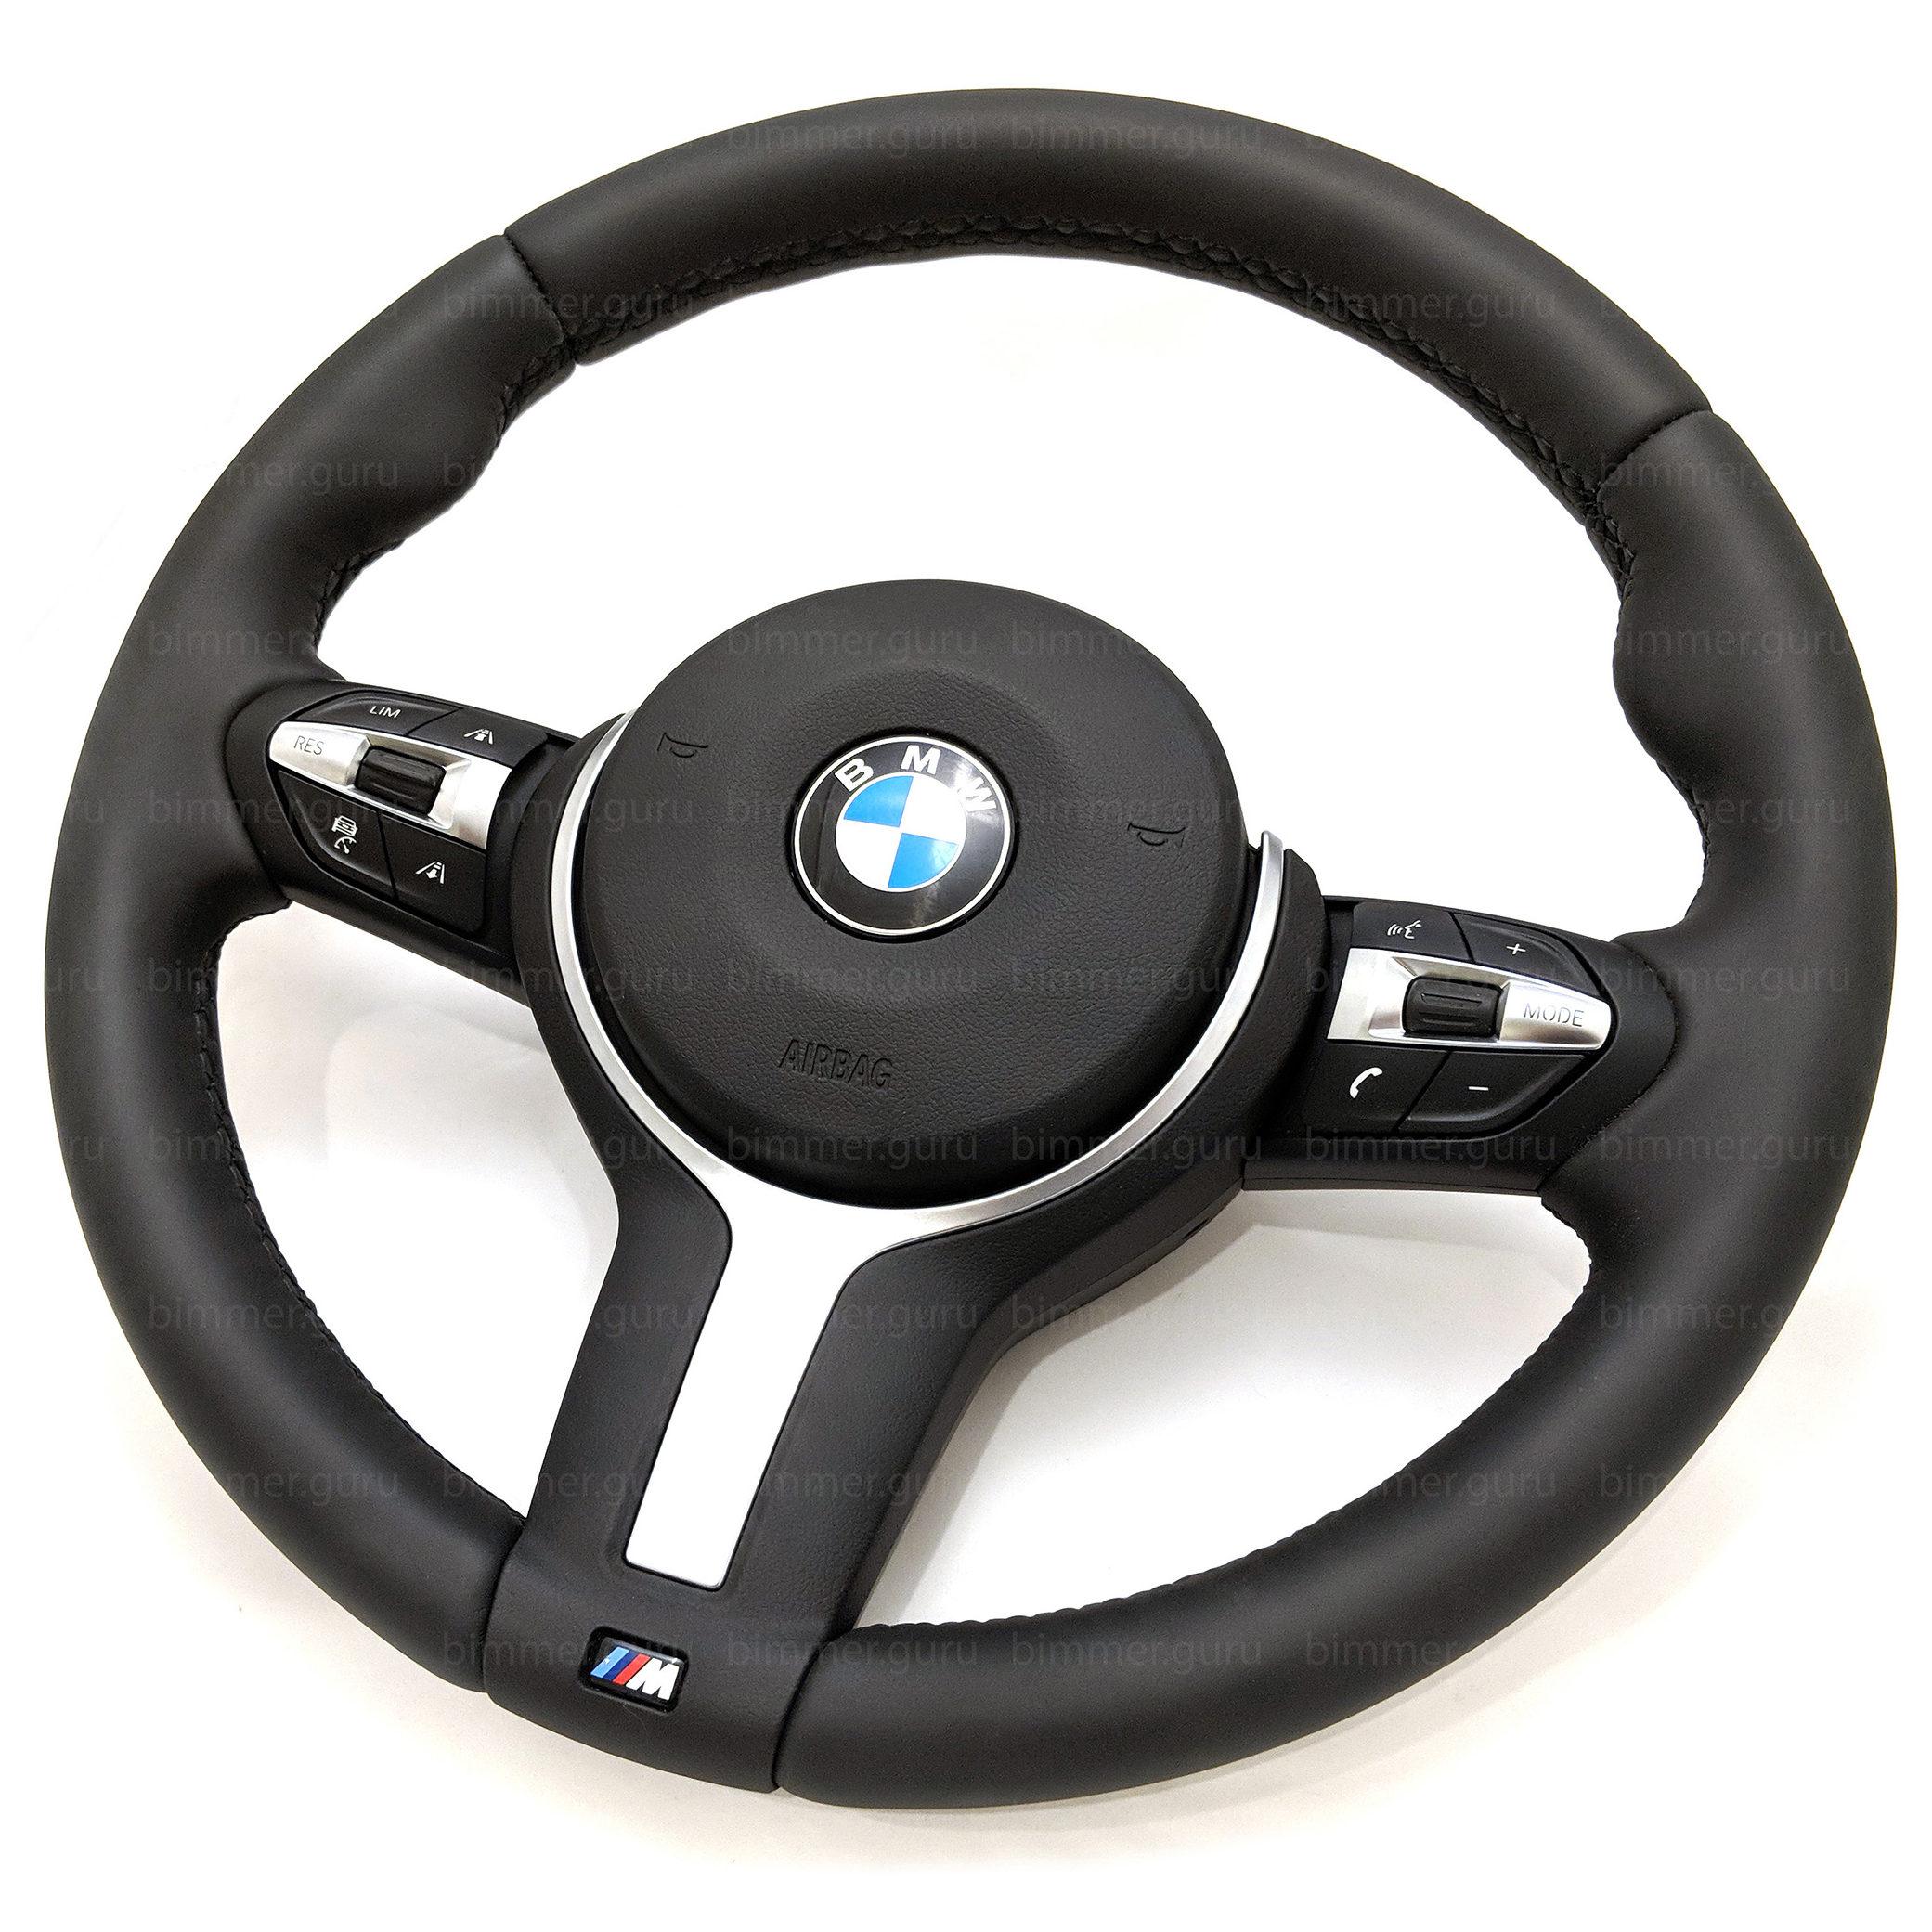 Bmw Steering Wheel M Sport Lci For 5 6 7 Series F01 F02 F06 F07 F10 F11 F12 F13 Without Paddles Bimmer Guru